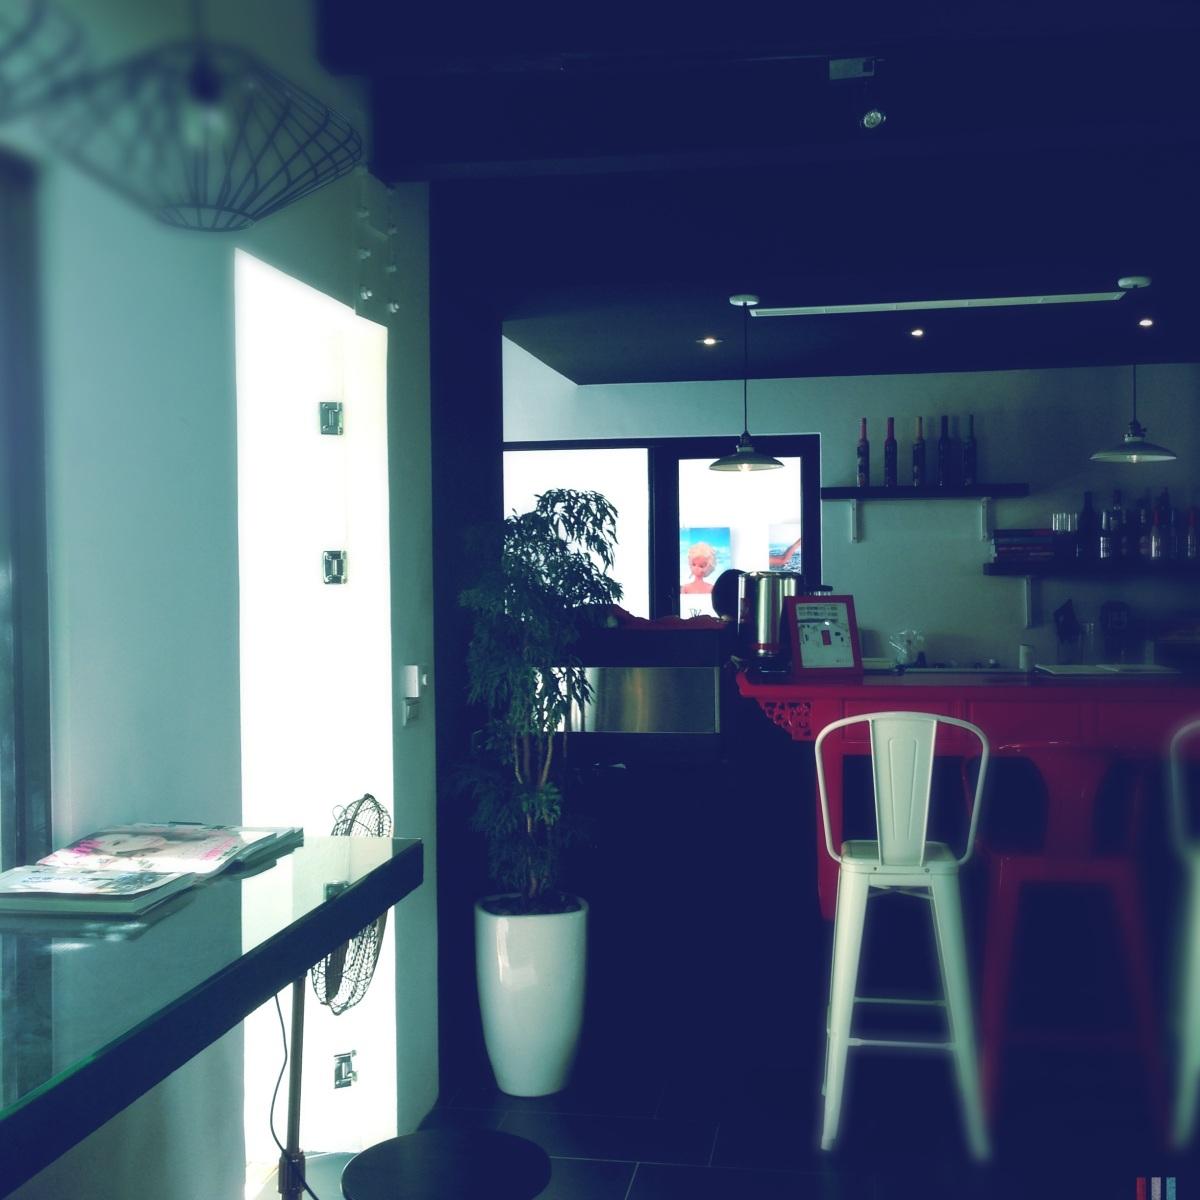 民宿與藝術空間的結合 - 台南市的八又二分之一 4